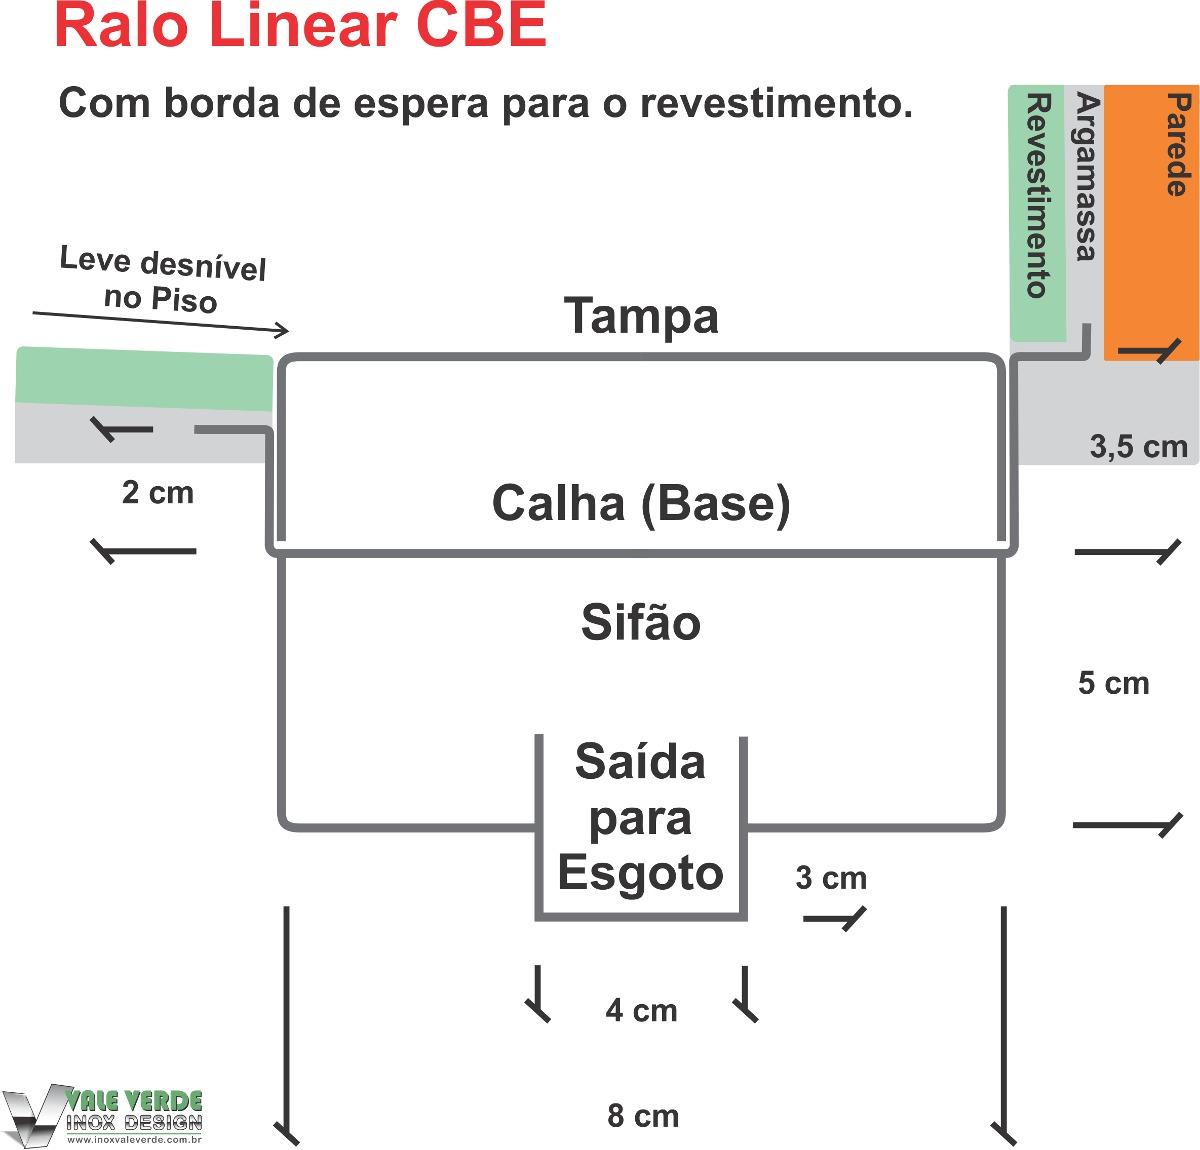 Ralo Linear 90 Cm 100% Inox Box Banheiro Sifonado Seca piso R$ 320  #C0580B 1200 1150